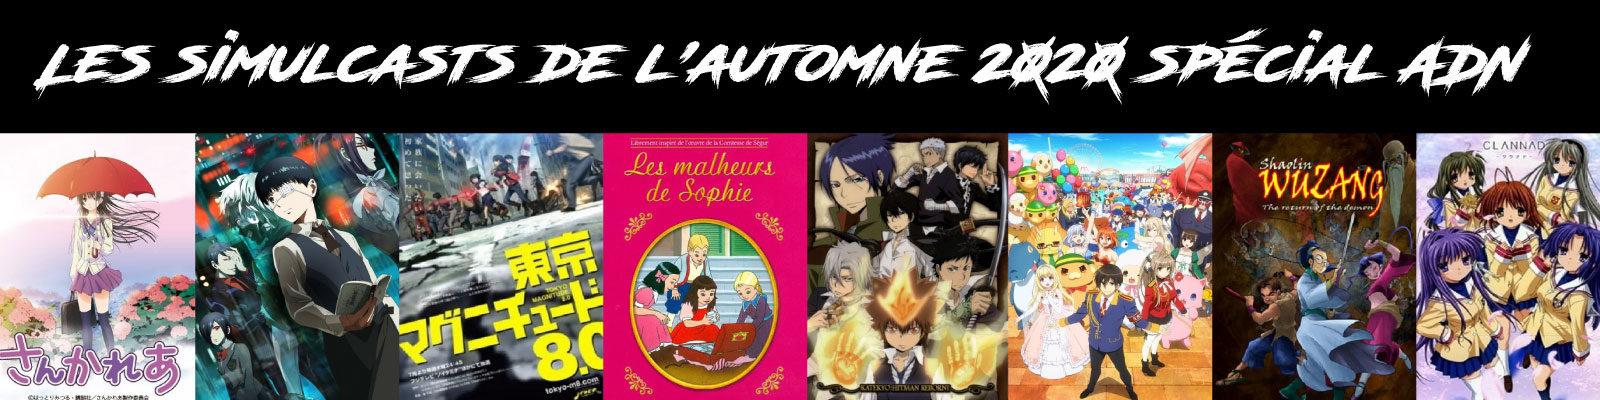 Les-simulcasts-automne-2020-spécial-adn